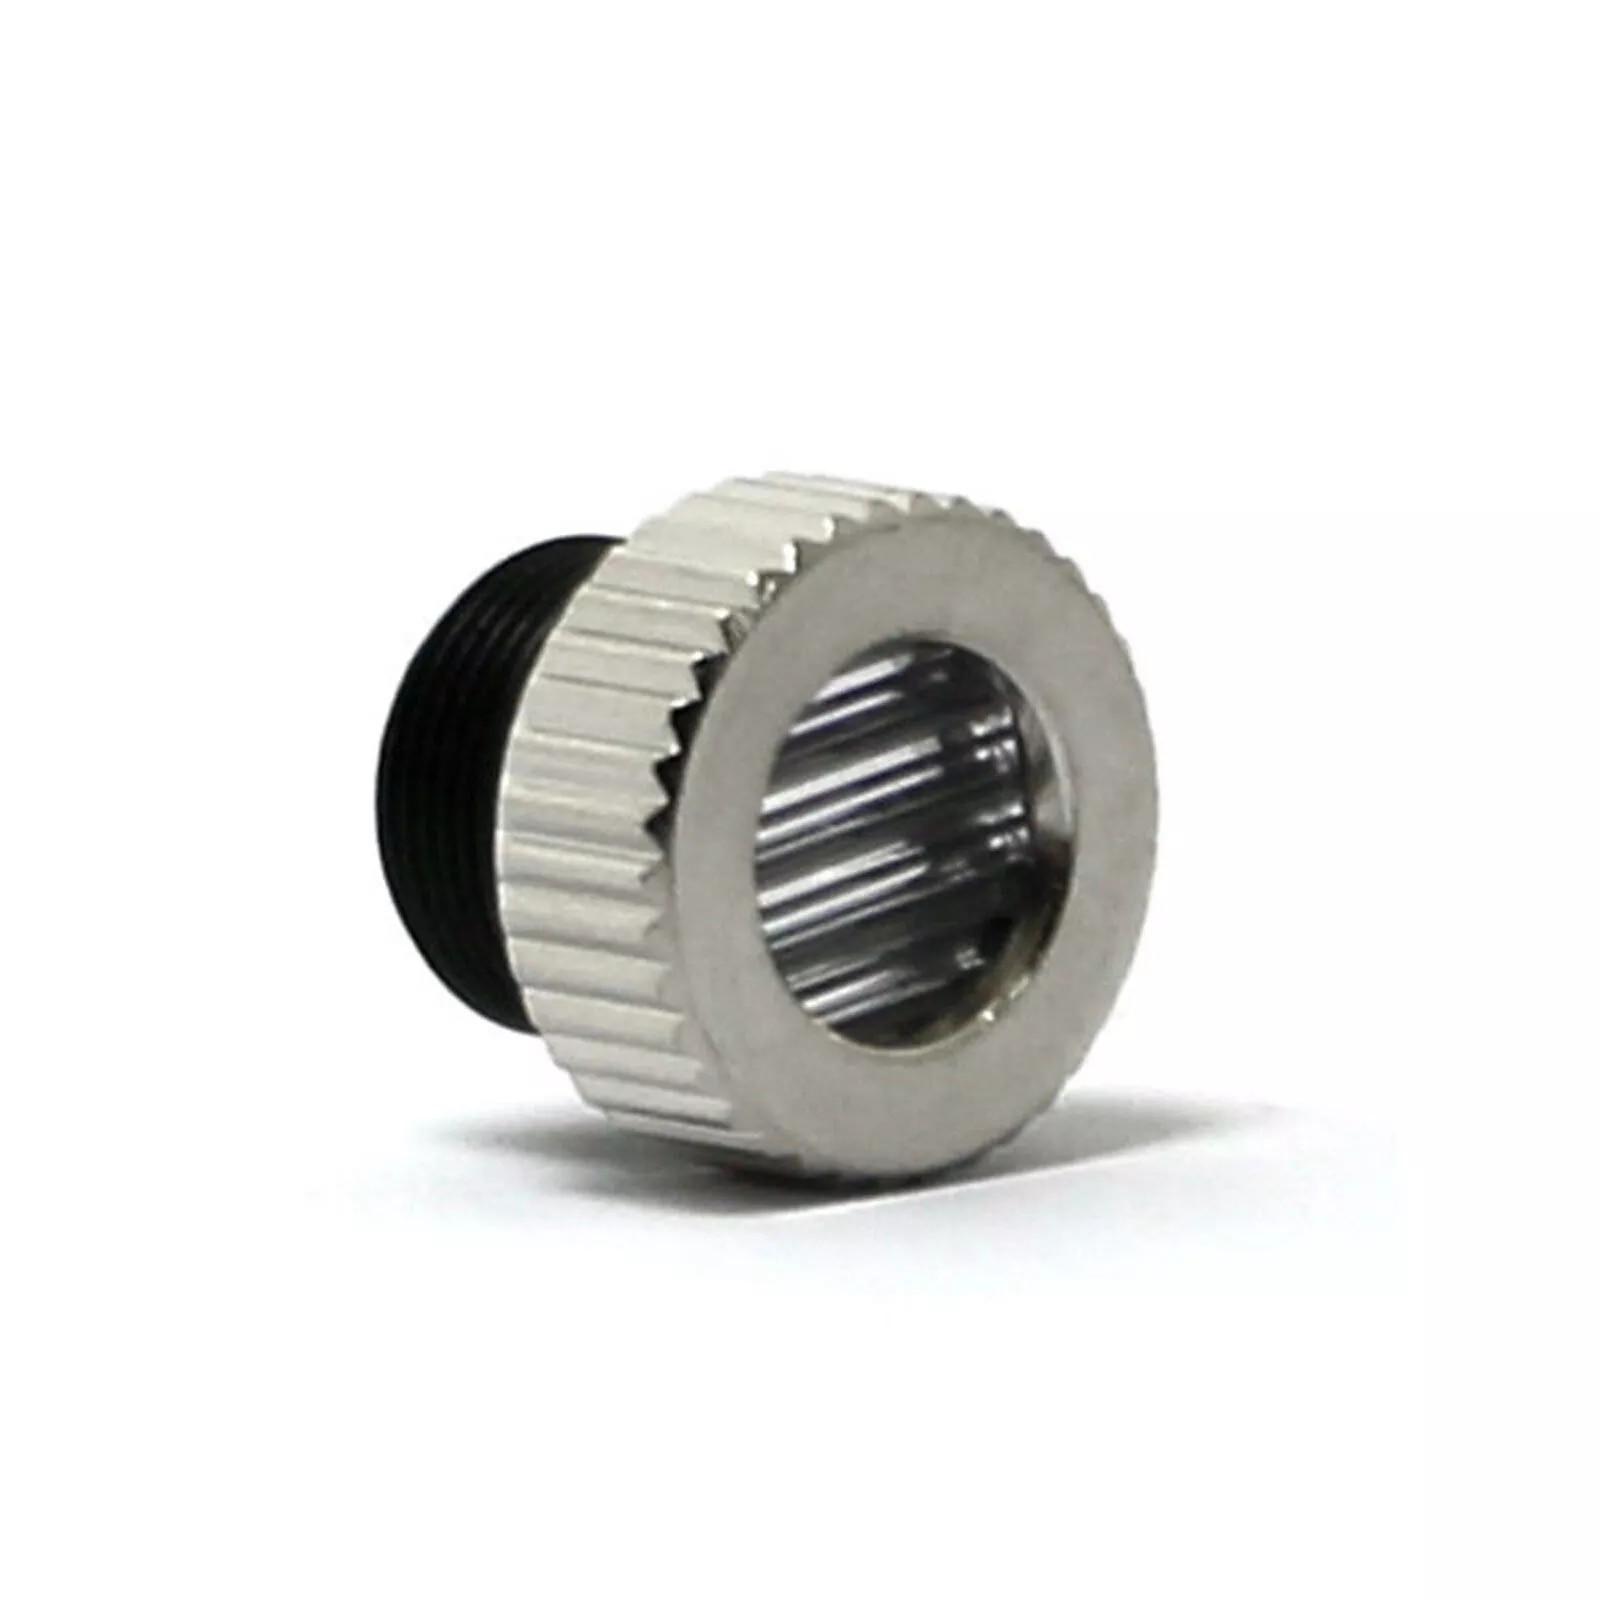 3шт 200 нм-1100 нм линия лазер линза коллиматор для синий красный зеленый ИК диоды луч фокус линза M9% 2A0.5 колпачки 30% 2F45% 2F60% 2F90% 2F120 Градусы